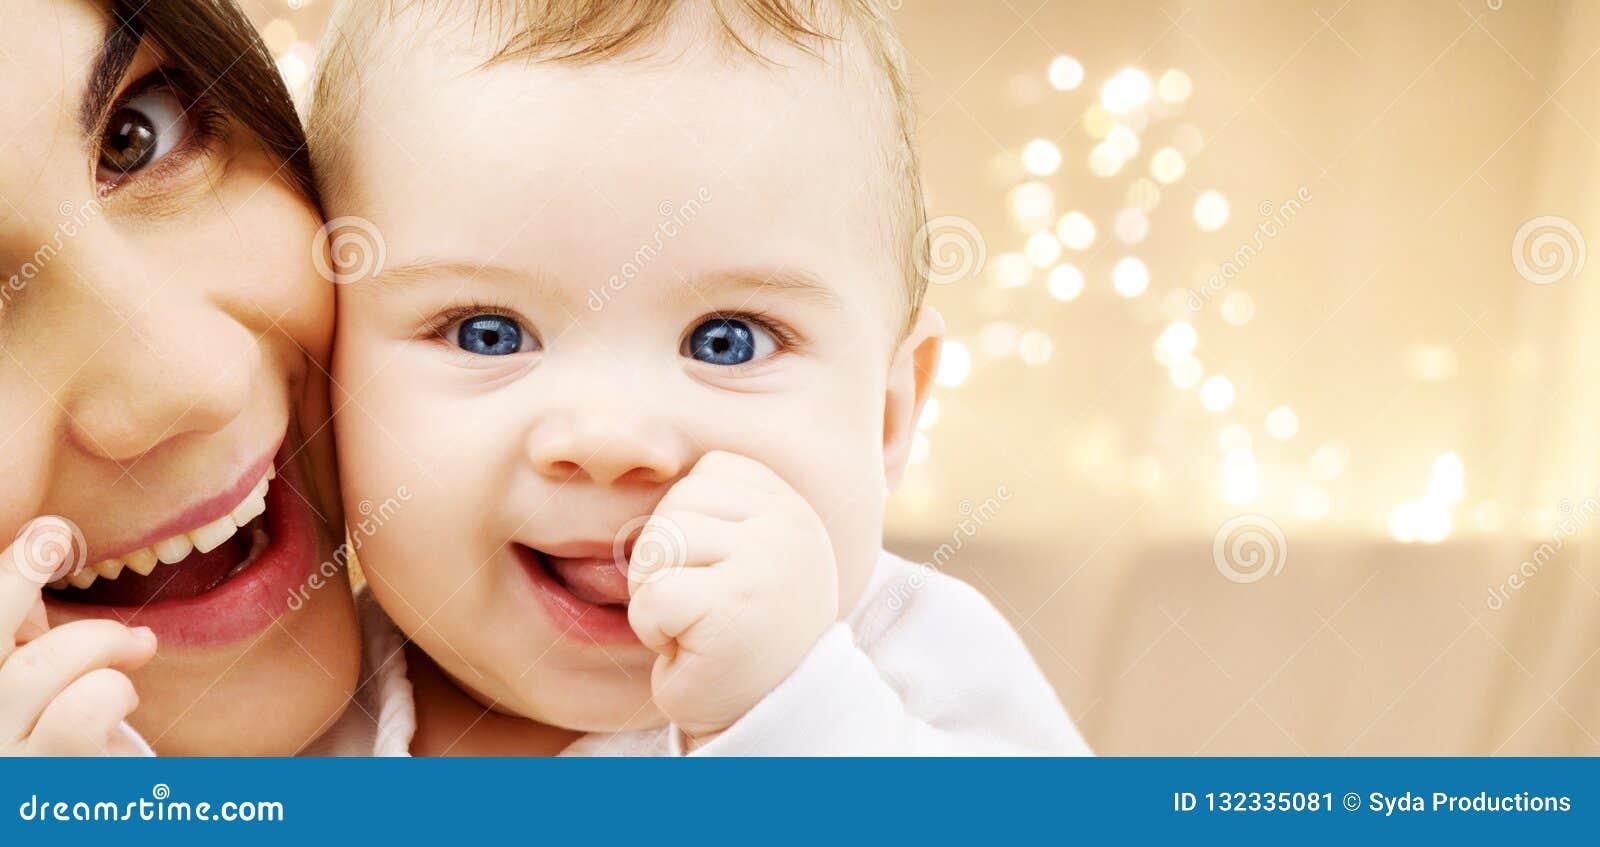 Schließen Sie oben von der Mutter mit Baby über Weihnachtslichtern